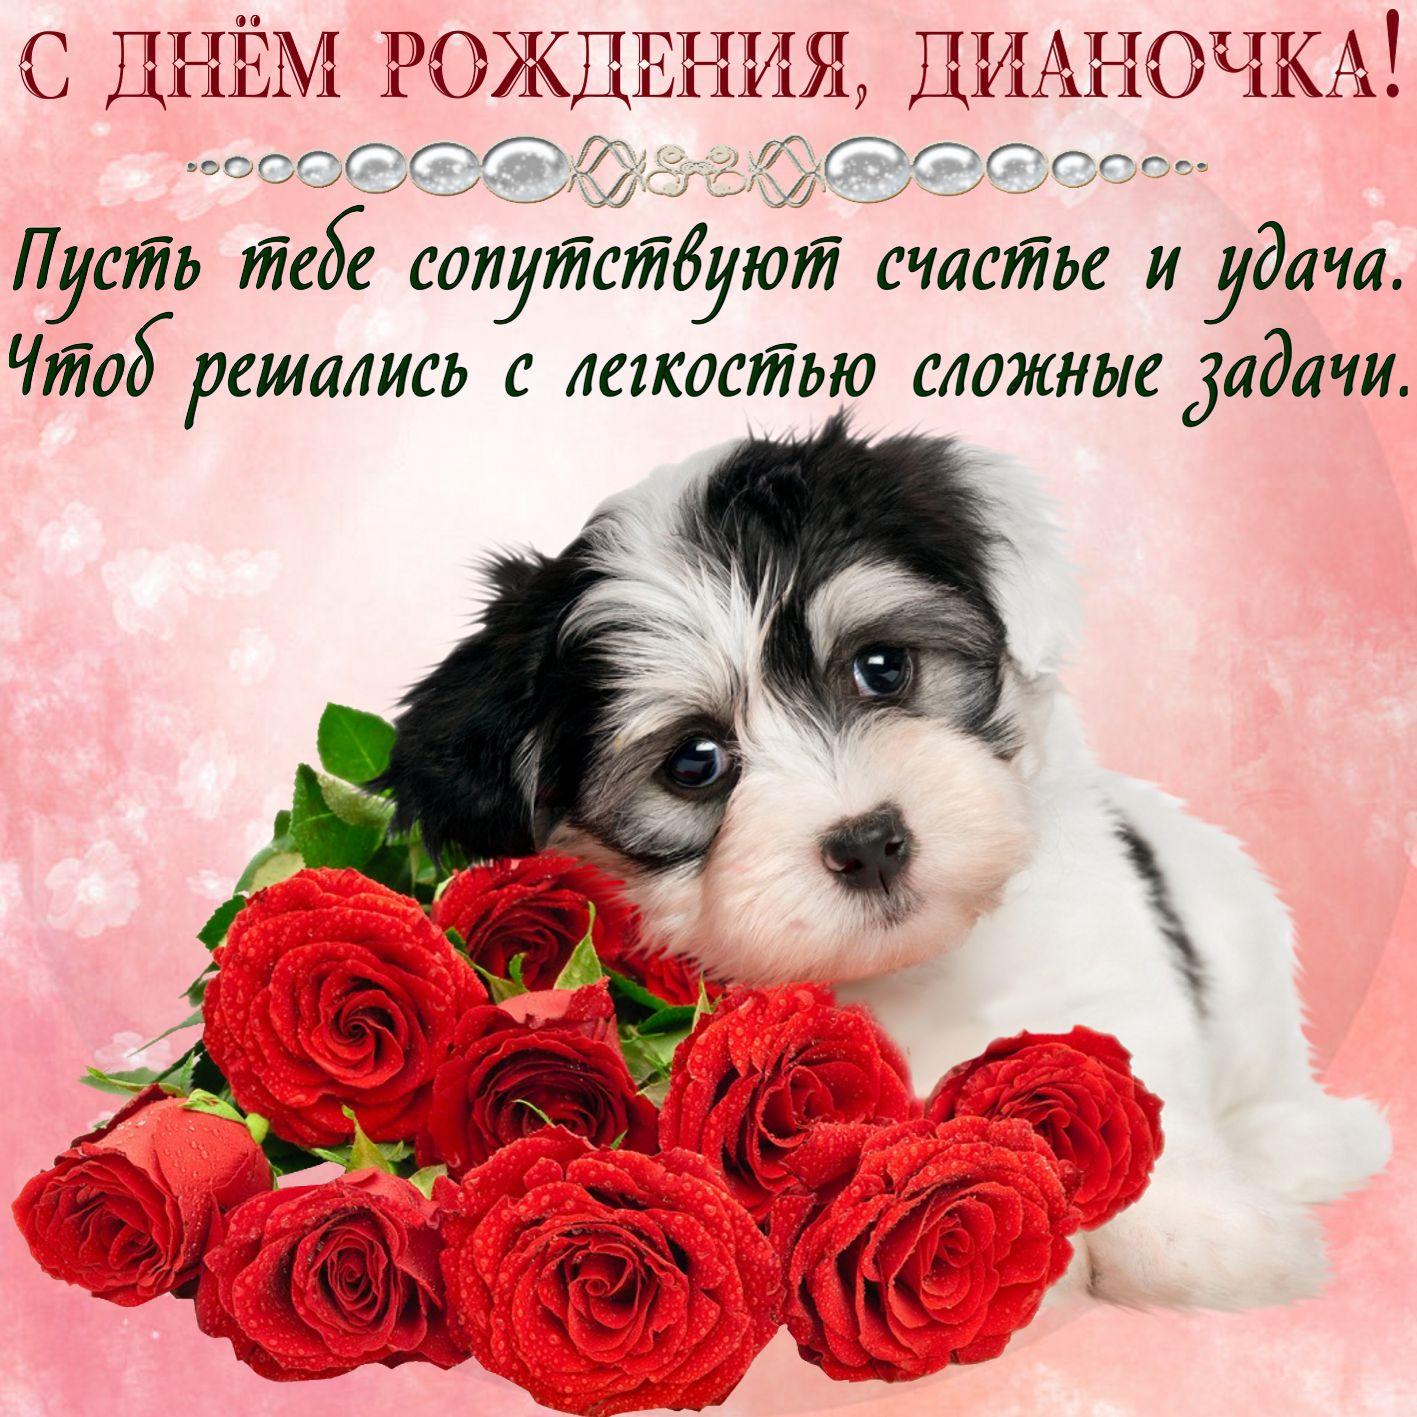 Открытка с Днем рождения - милый песик с красными розами для Дианочки